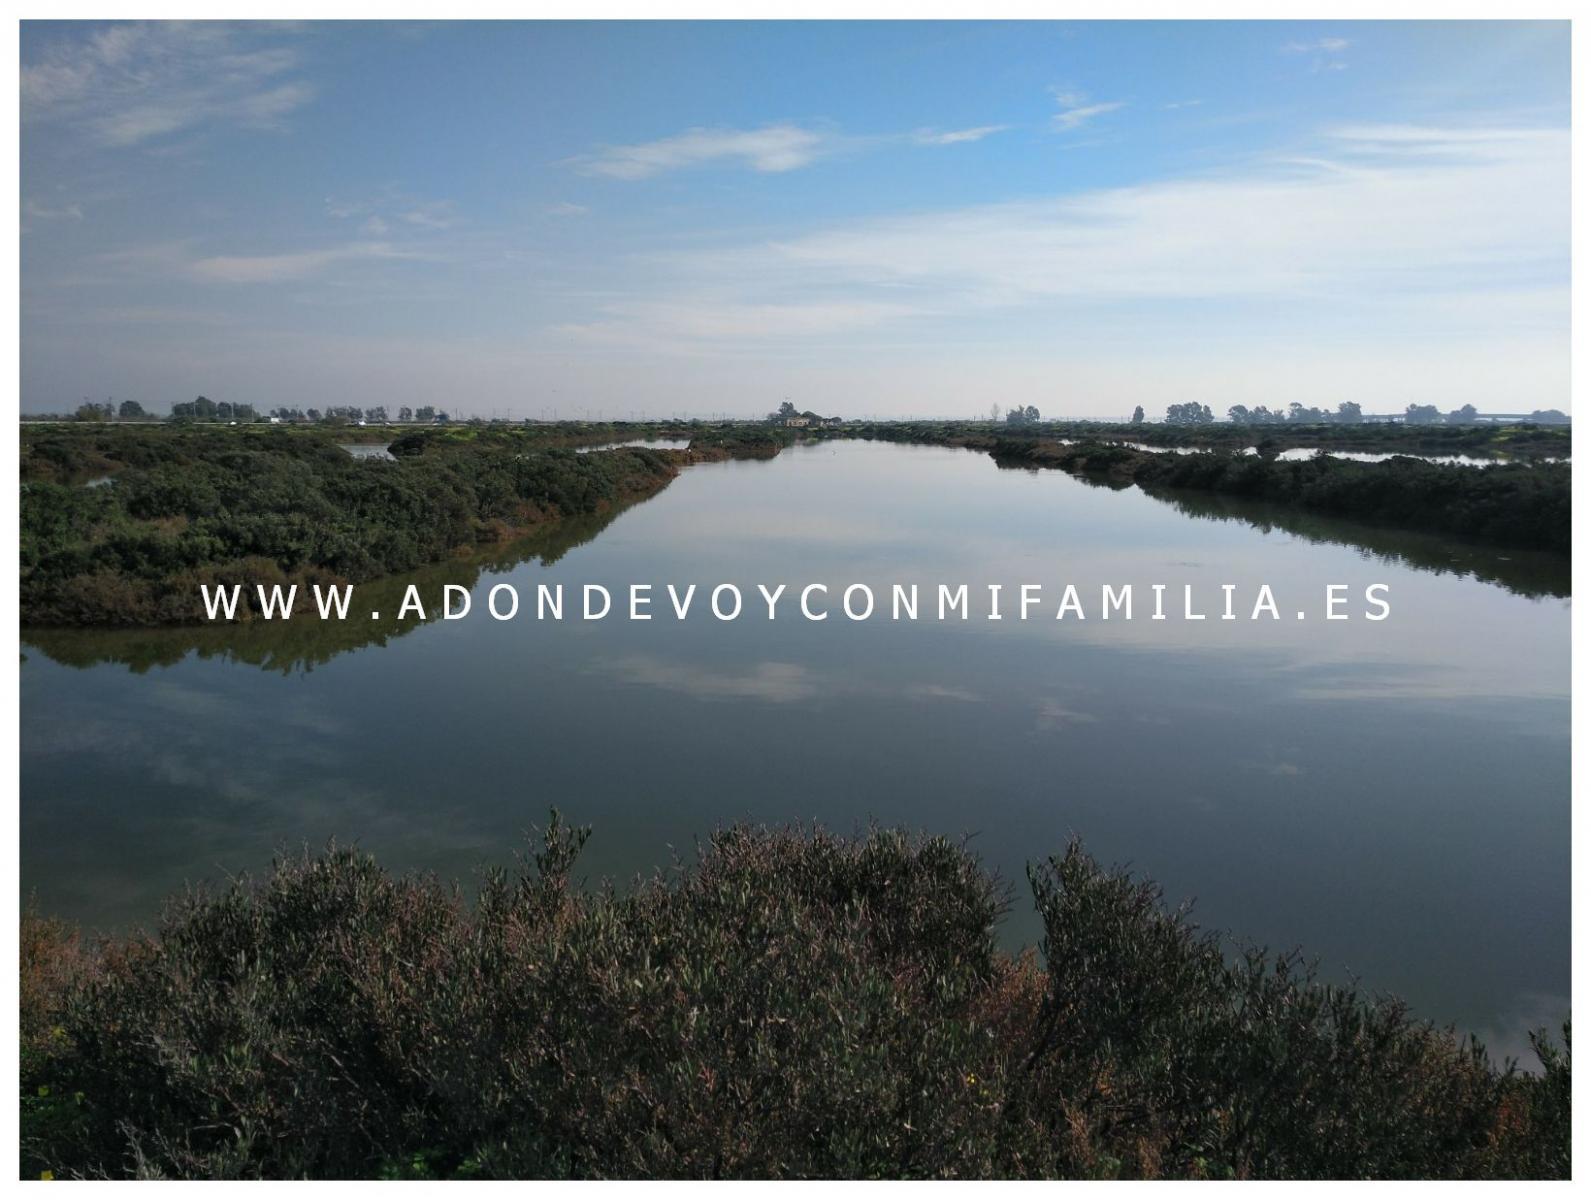 sendero-salina-desamparados-Adondevoyconmifamilia-08